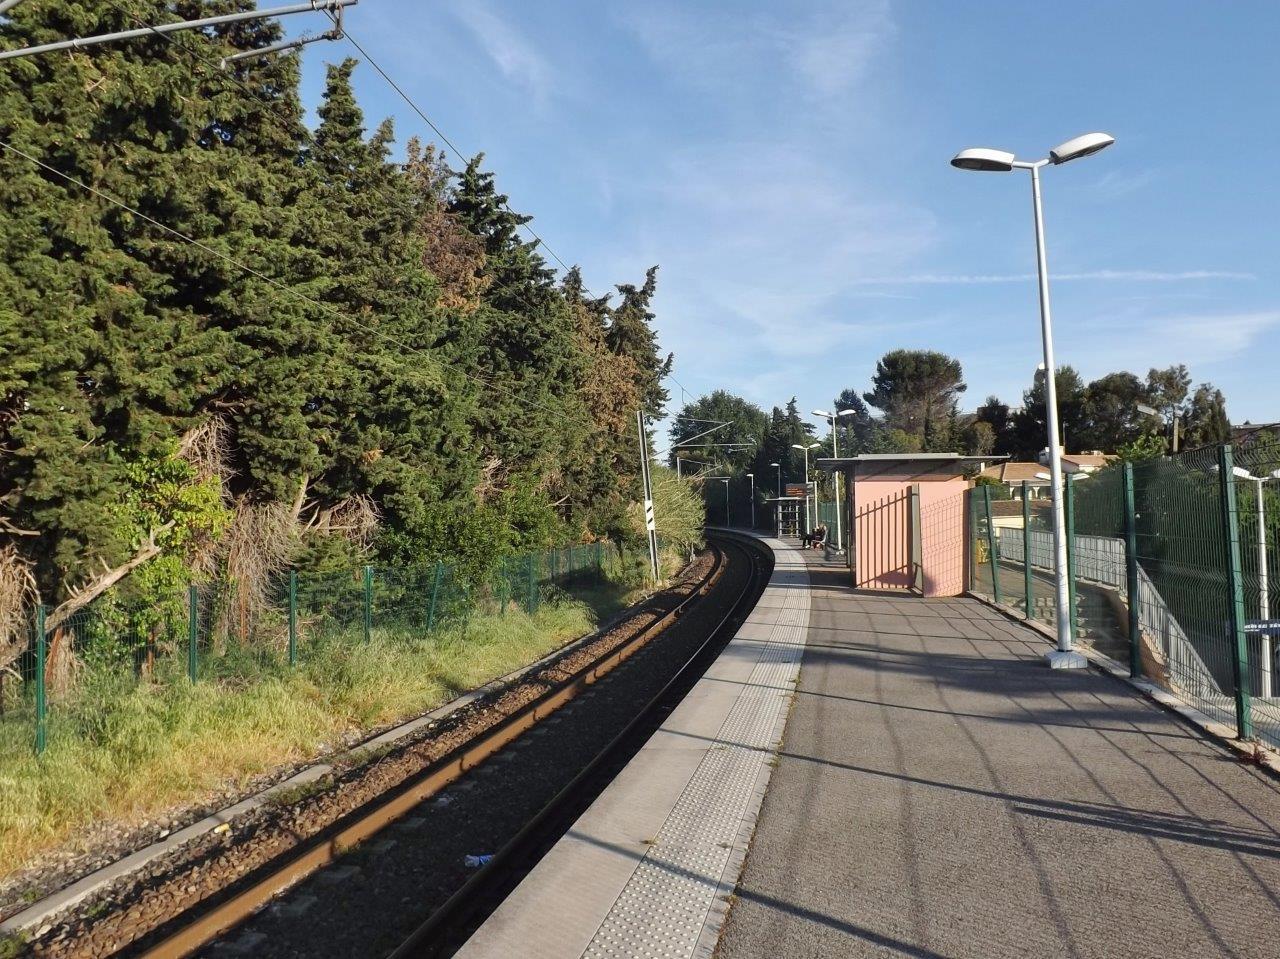 gare-de-la-frayere-train-station